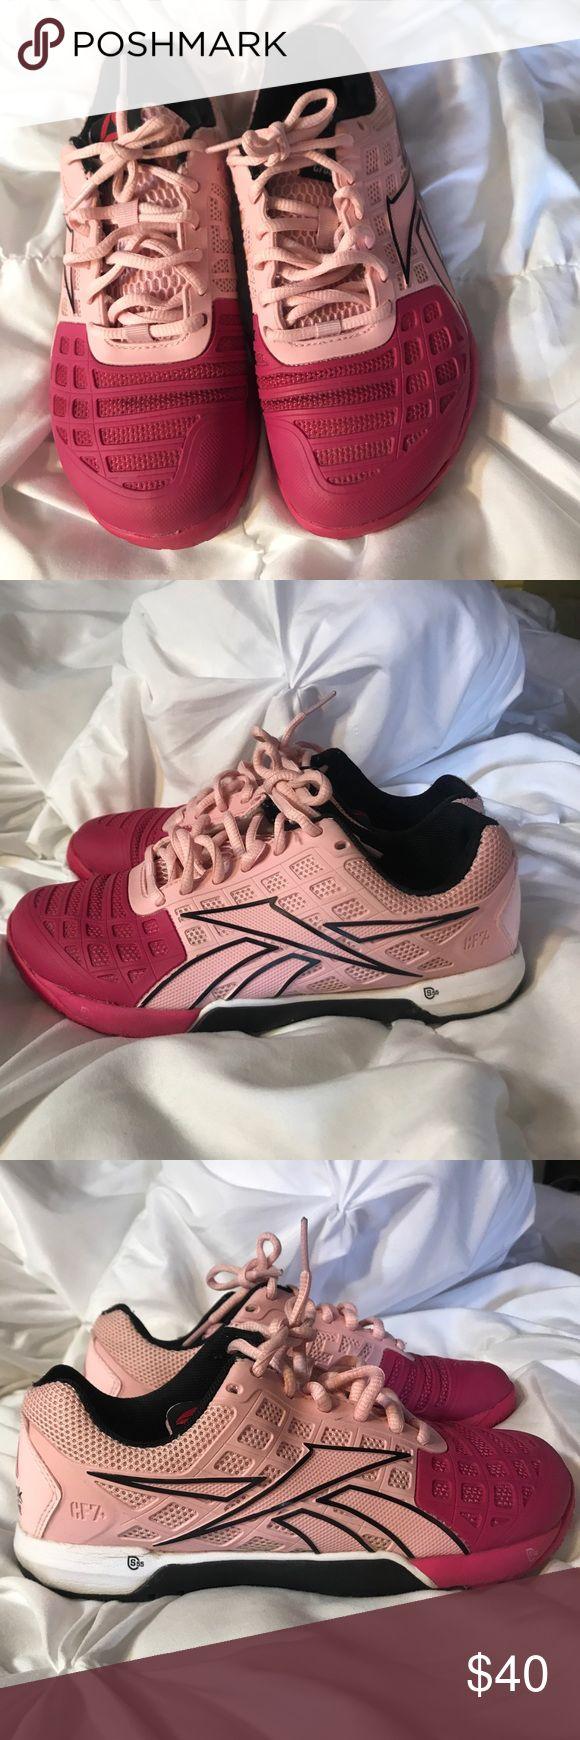 Reebok Nanos Reebok Nanos . Only worn a few times. No flaws . No box. Size 5.5 Reebok Shoes Sneakers